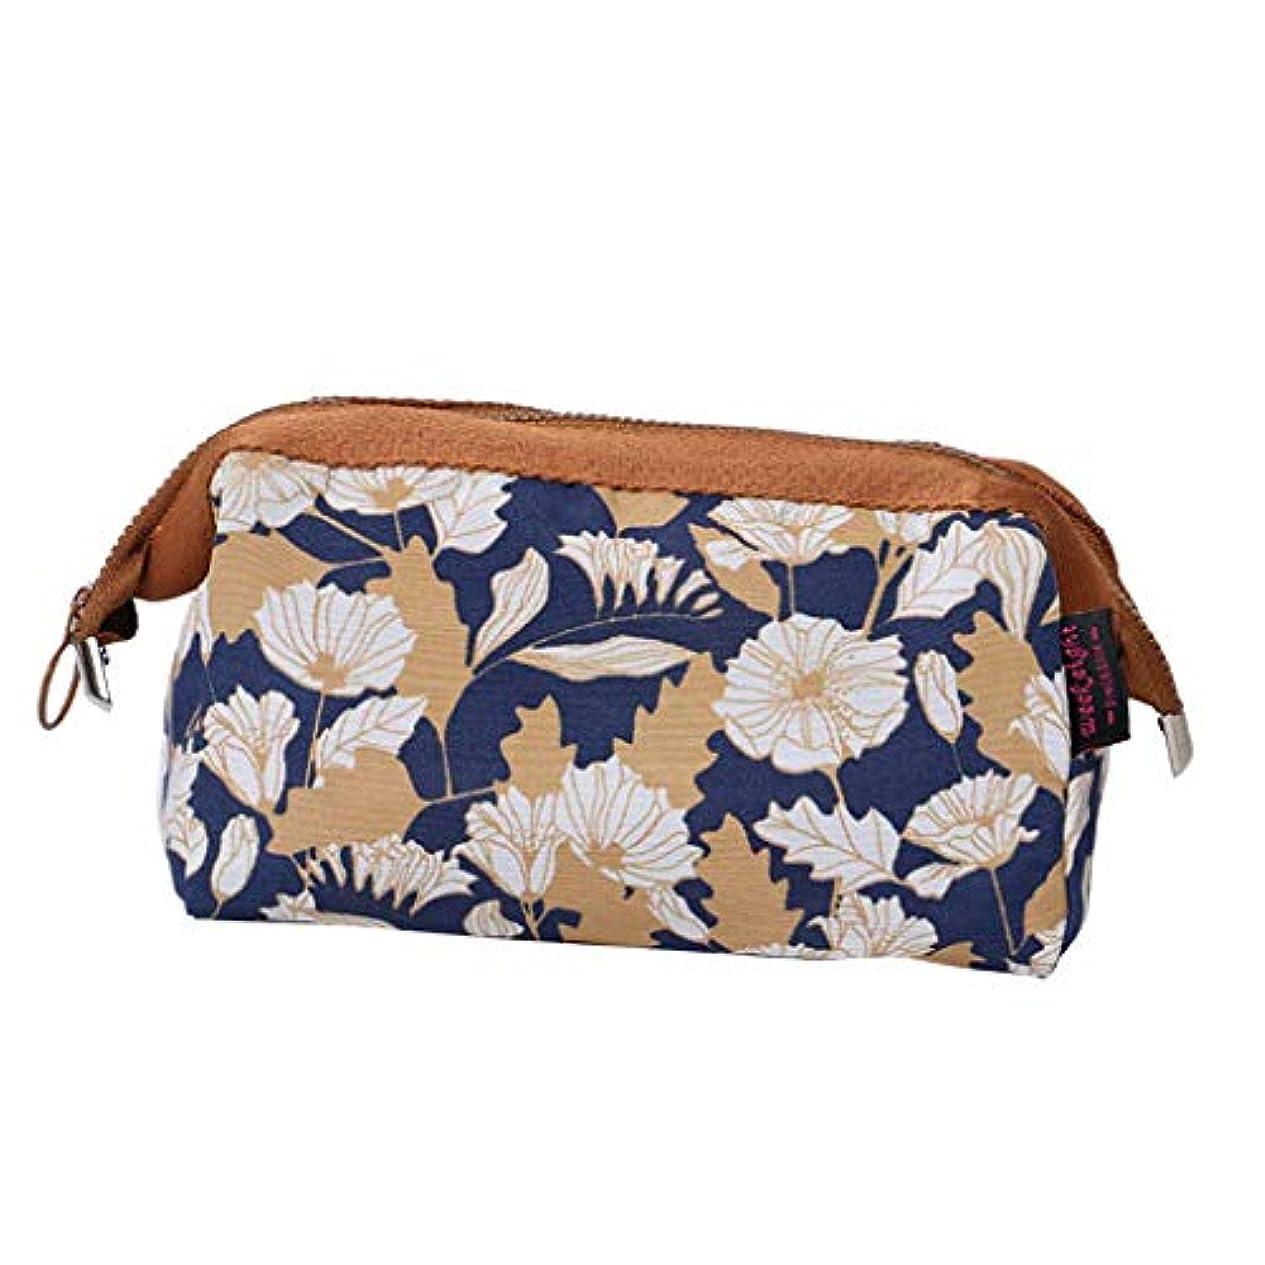 カカドゥ流行判決joyMerit 化粧ポーチ 化粧品収納バッグ 防水 旅行 ジッパー付 - 褐色